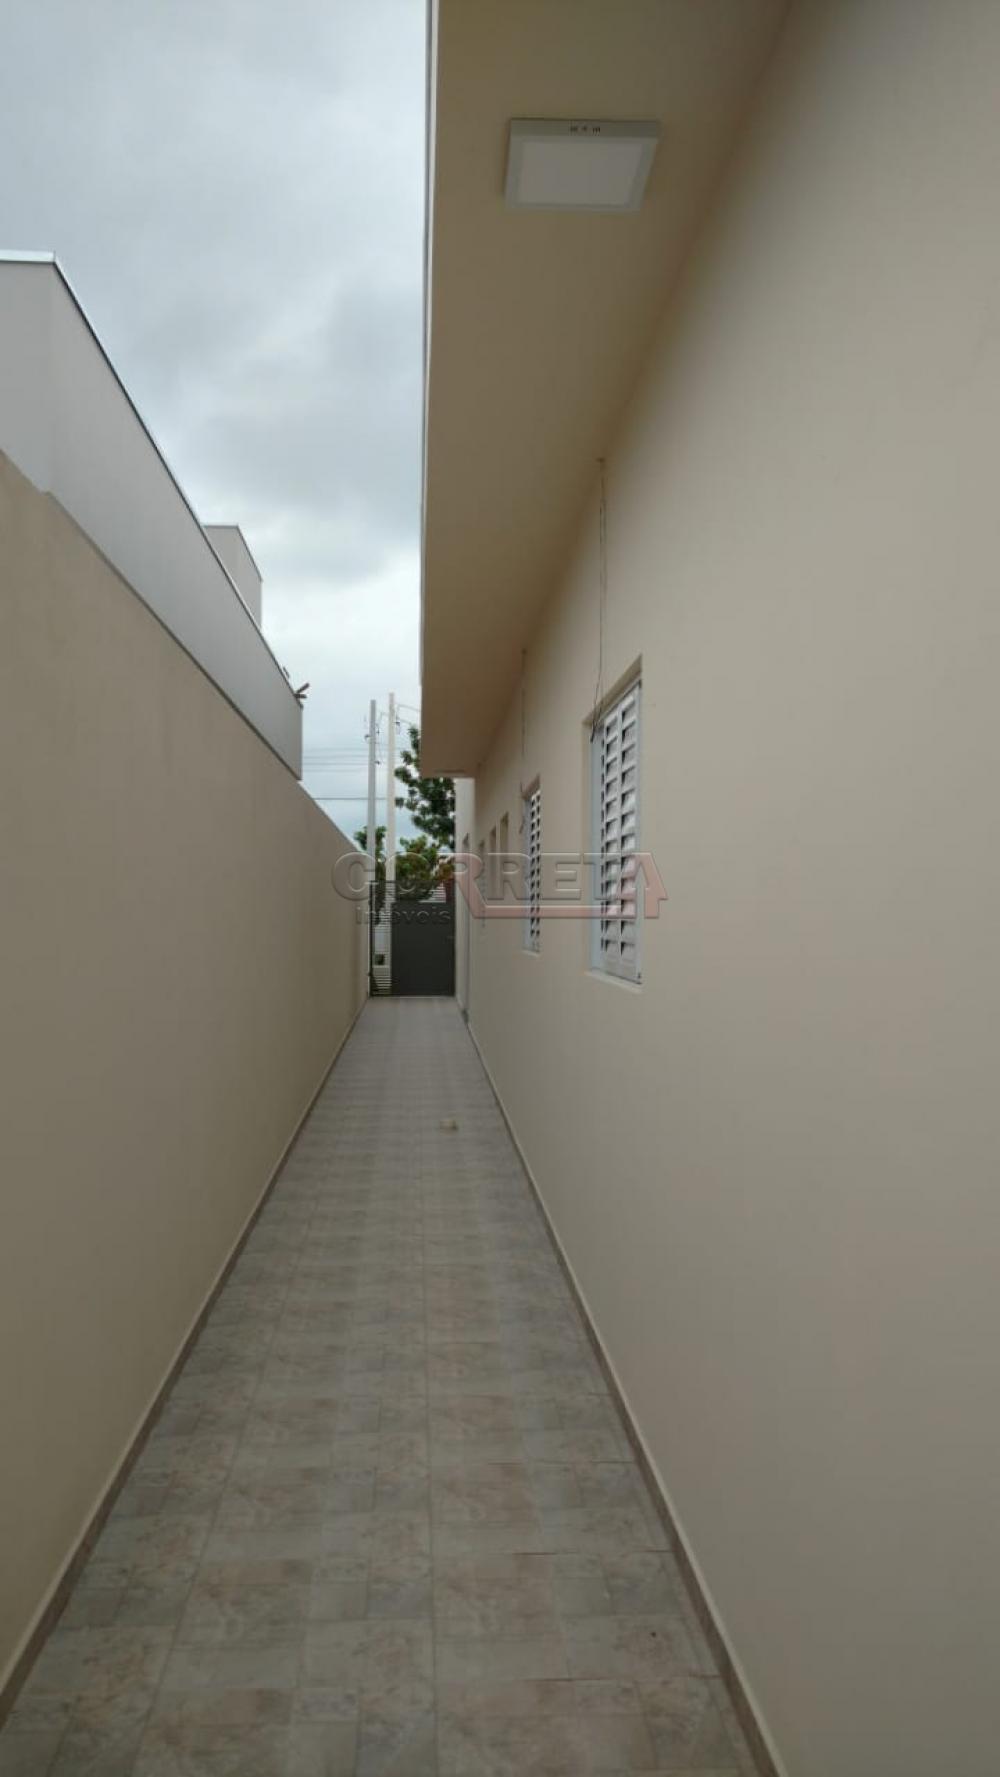 Comprar Casa / Condomínio em Araçatuba apenas R$ 790.000,00 - Foto 4